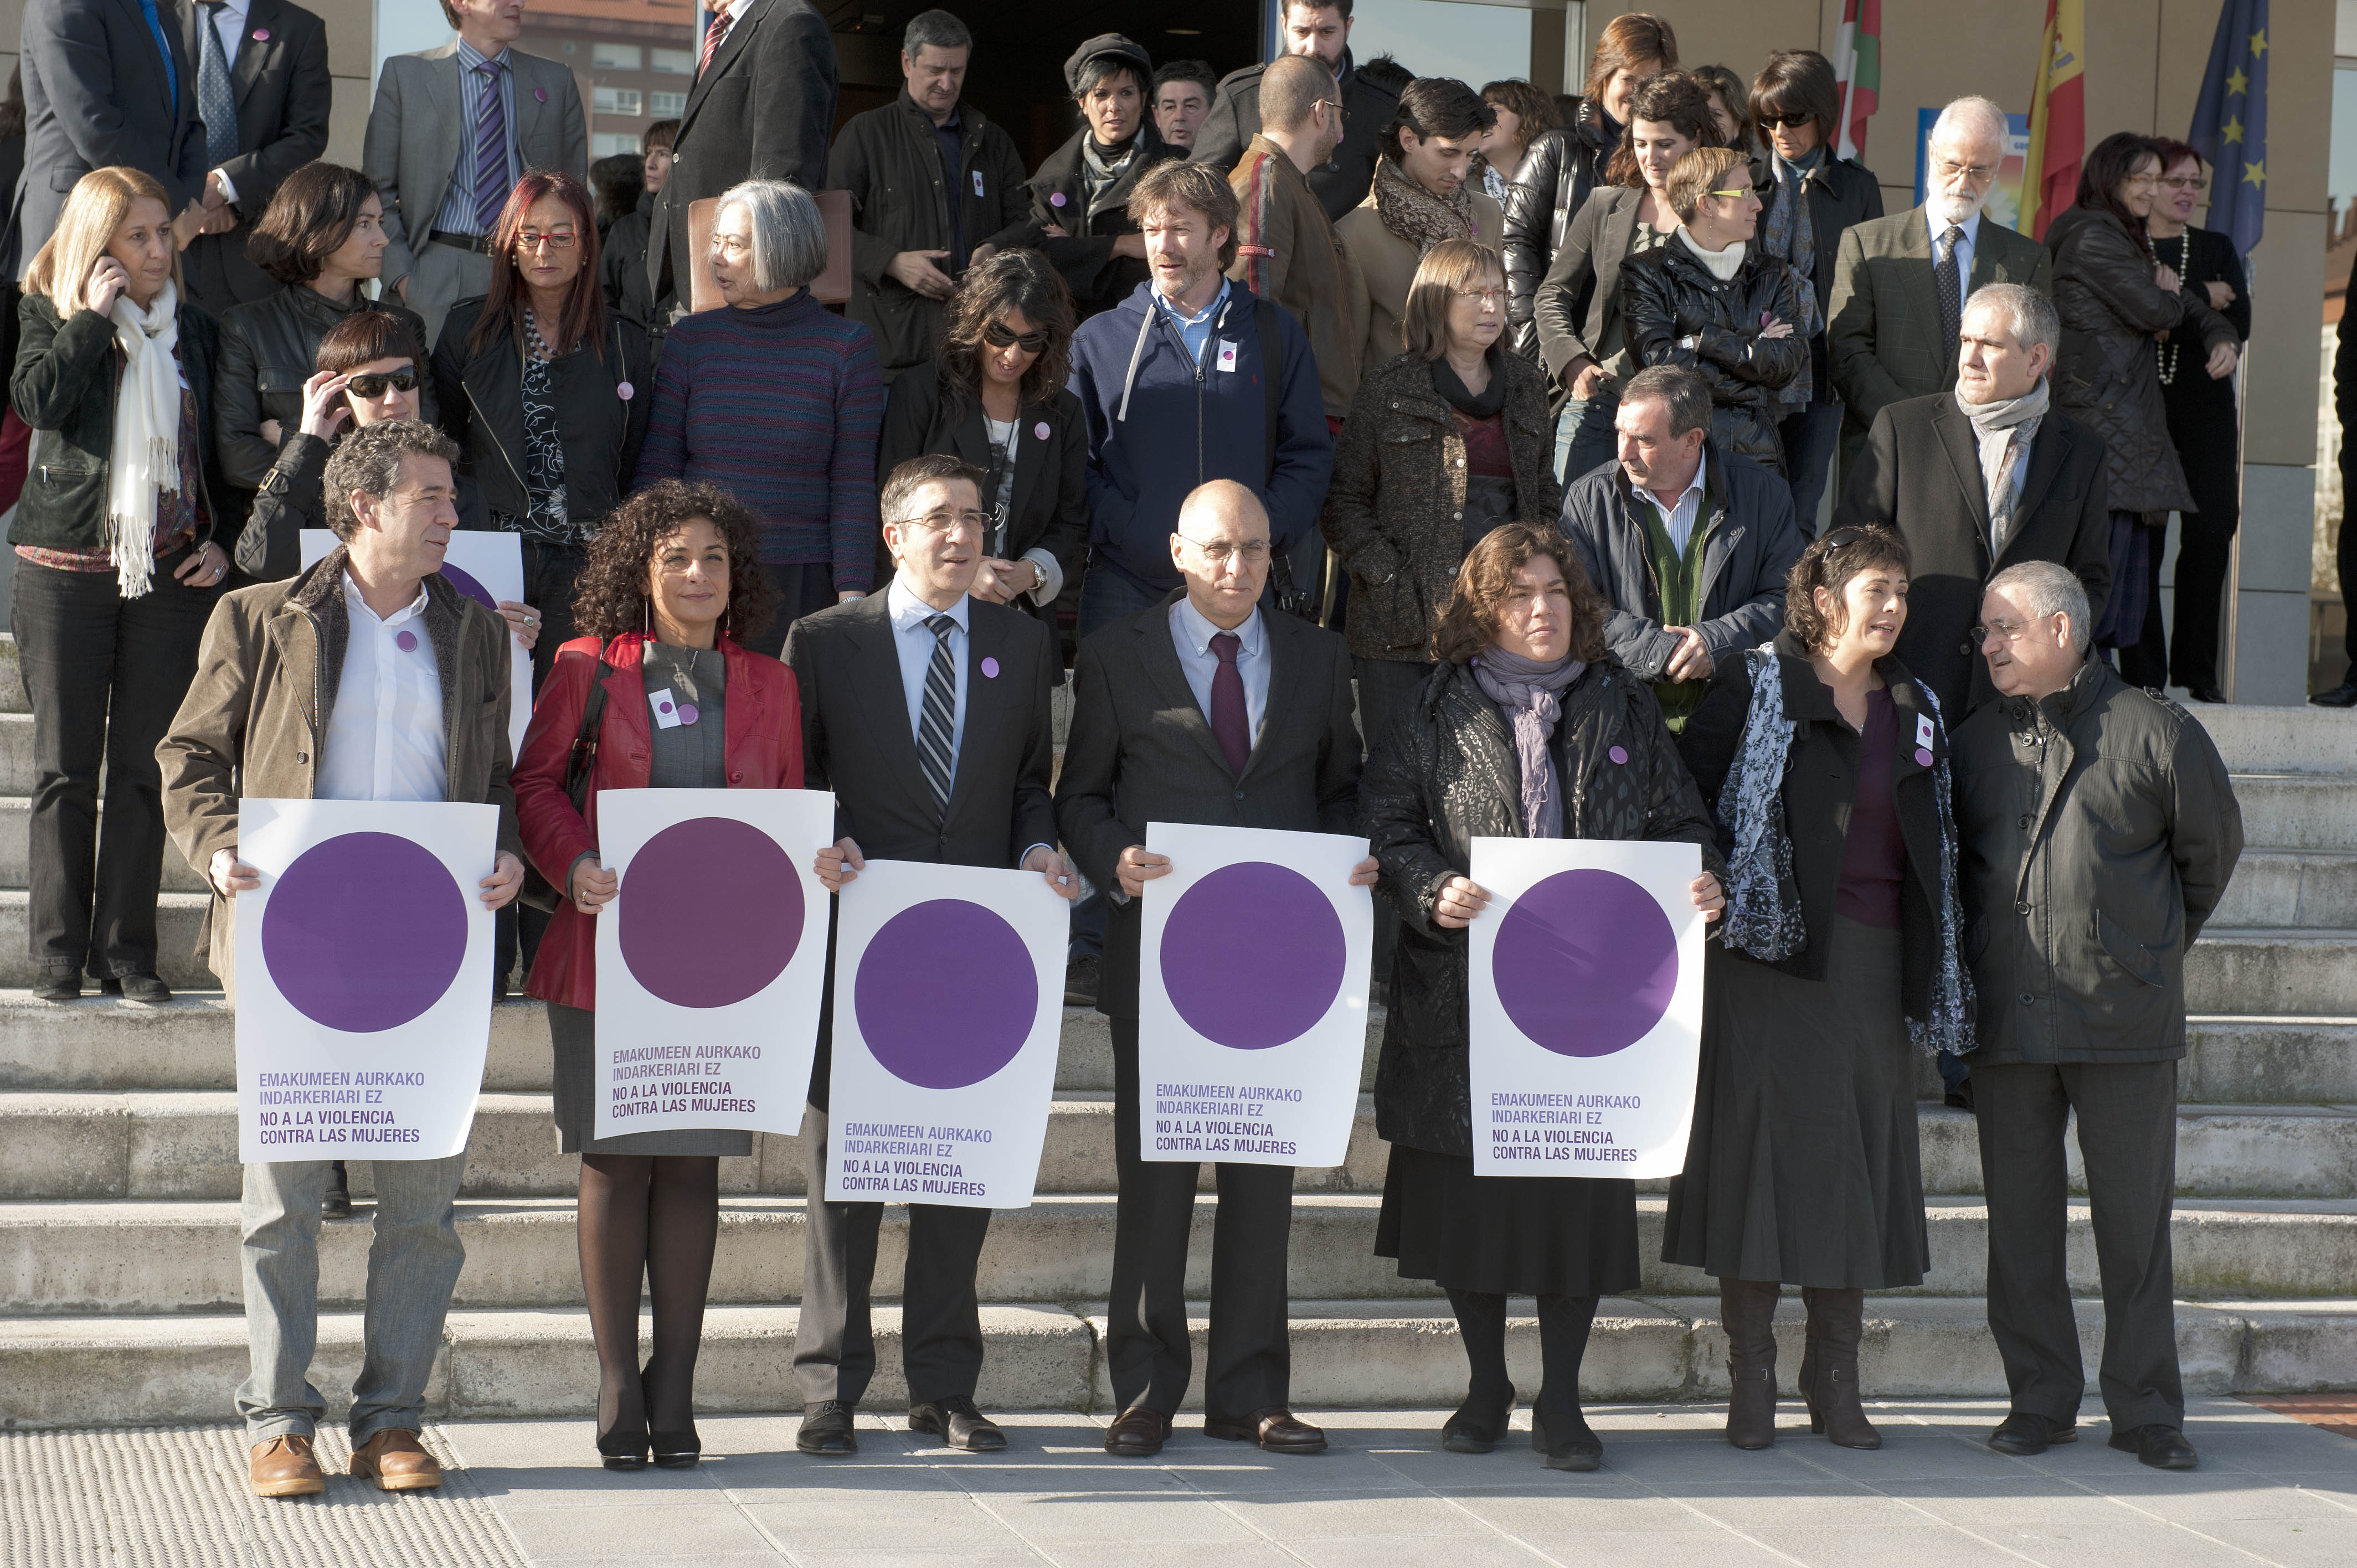 2011_11_25_lhk_concentracion_violencia_mujeres.jpg